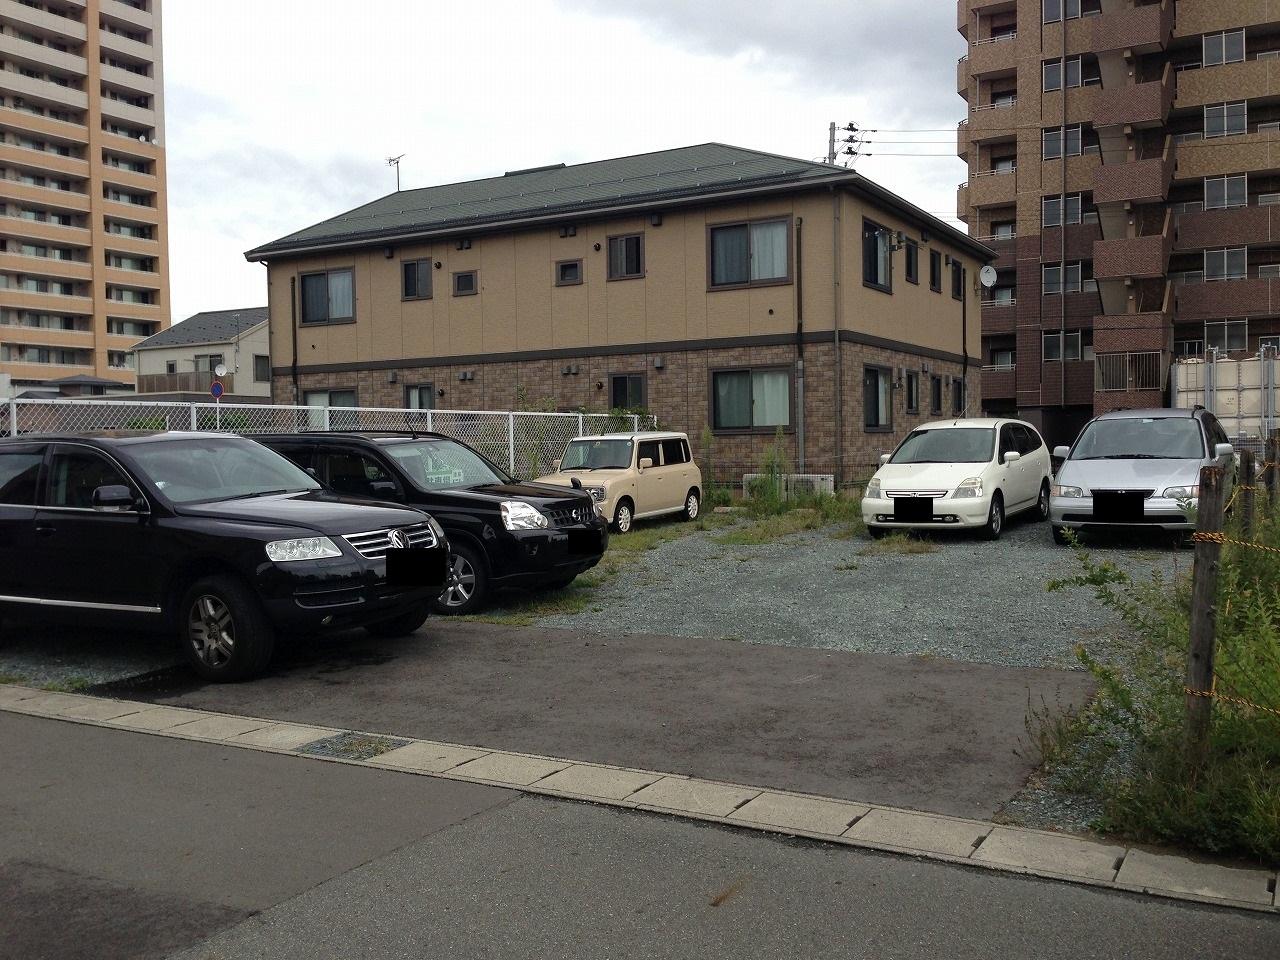 【貸駐車場】千秋久保田駐車場 満車になりました。